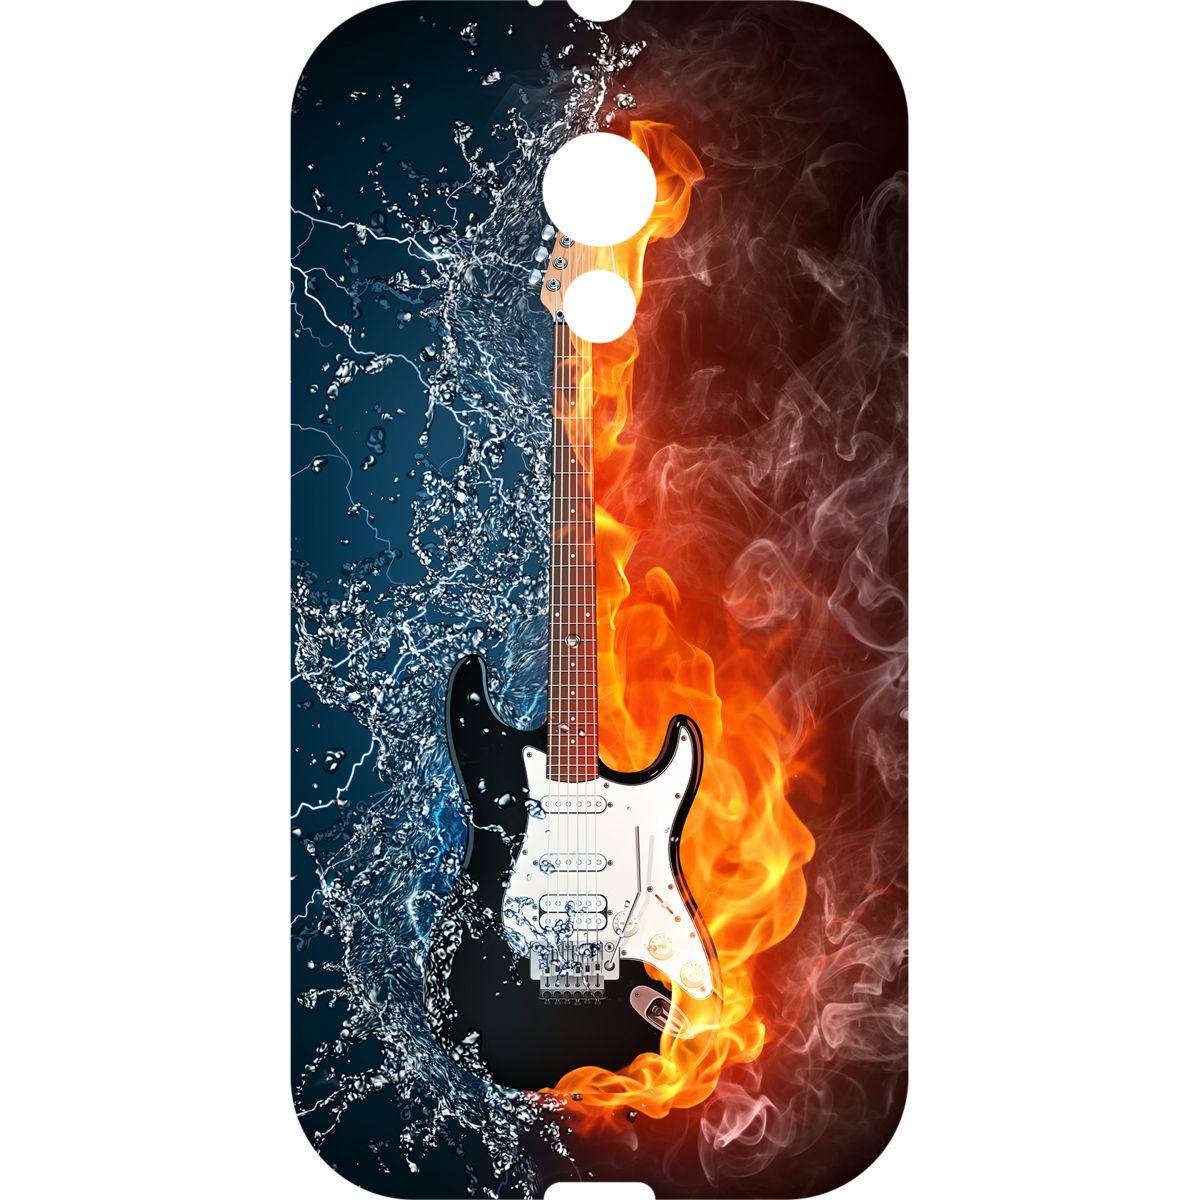 Capa Personalizada para Motorola Moto G2 Xt1069 Xt1068 - MS41